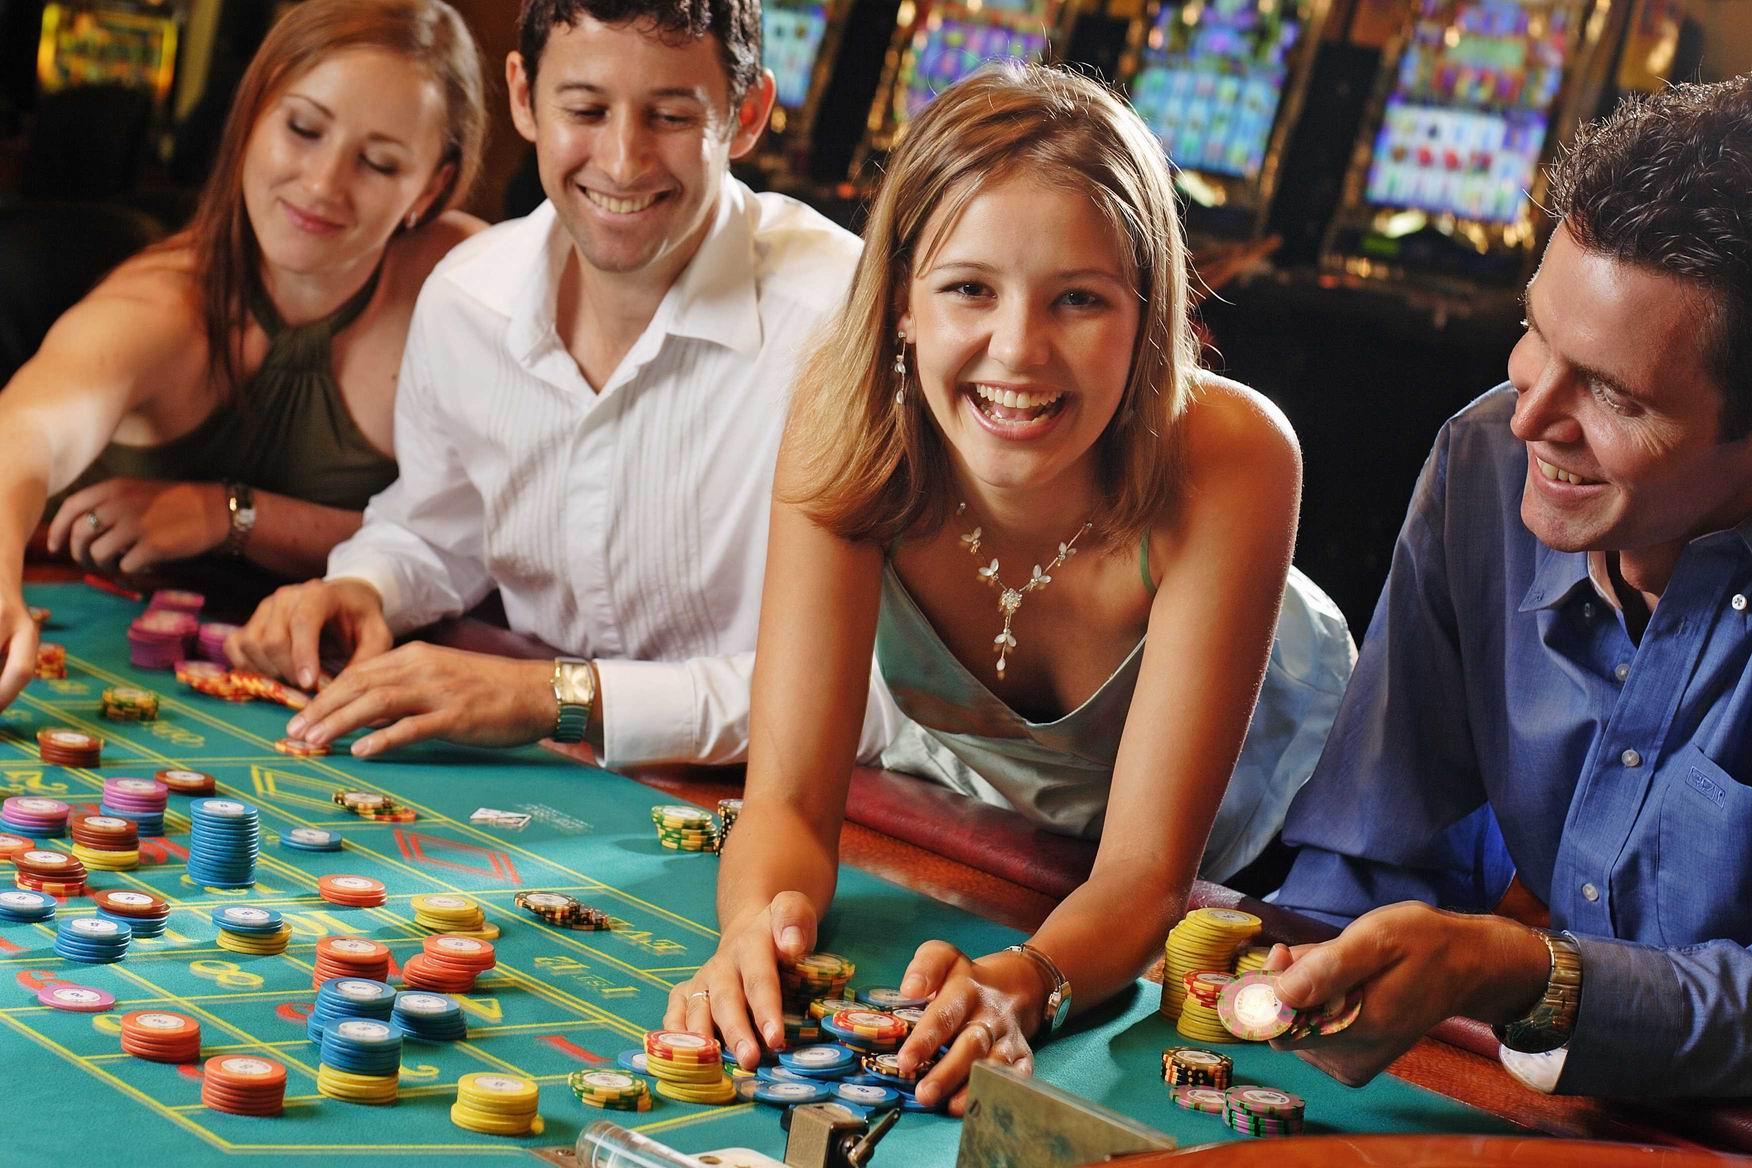 لعبة اليانصيب ألعاب - 85016